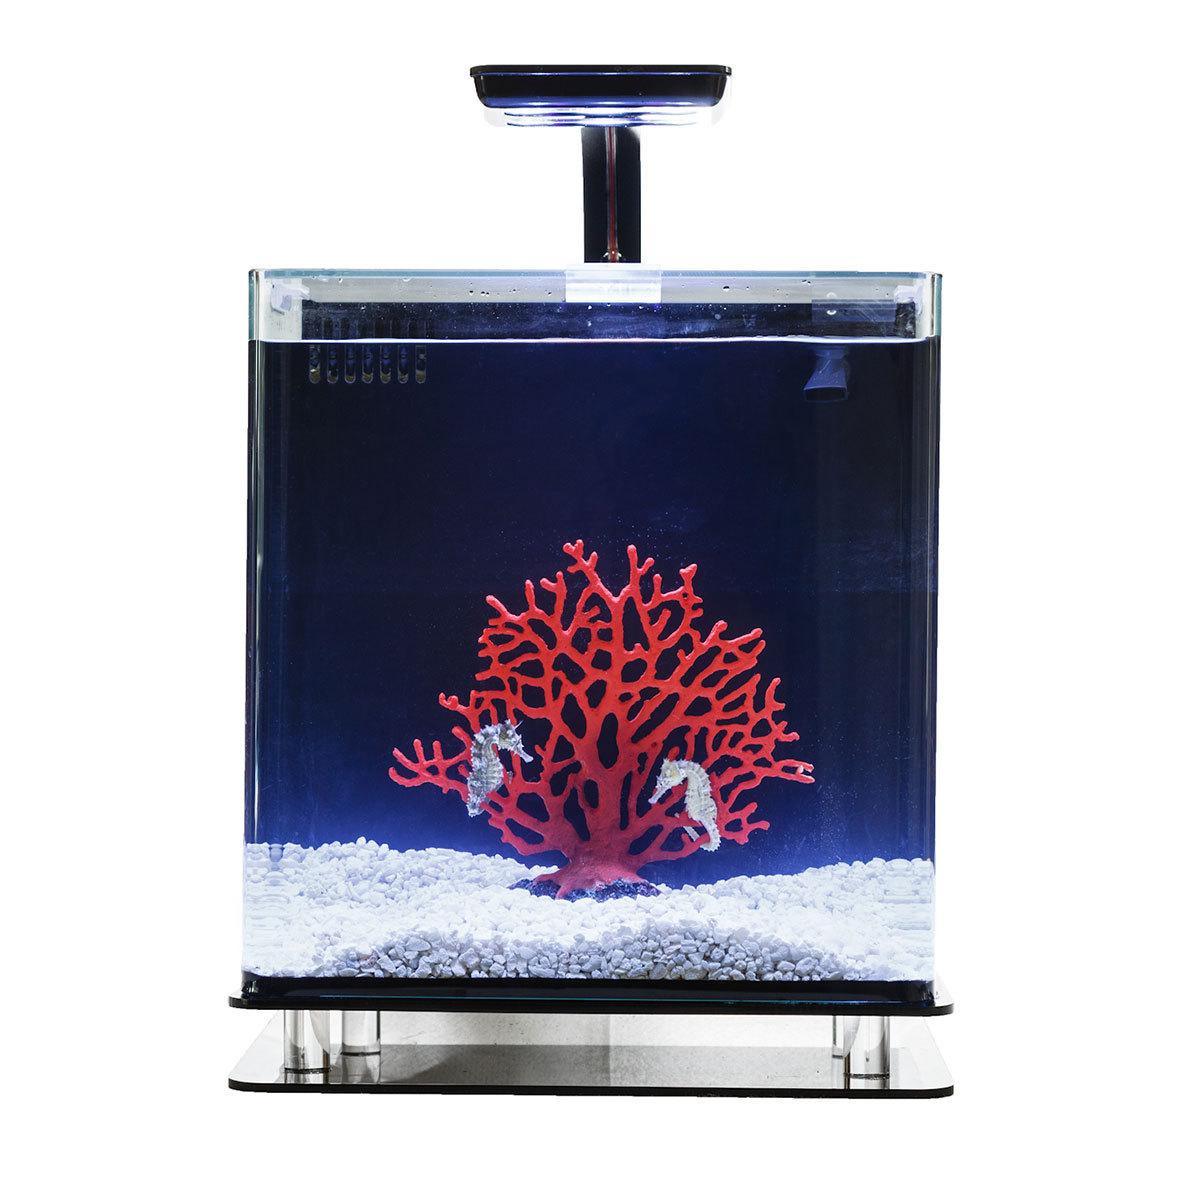 Seahorse Aquarium Kit